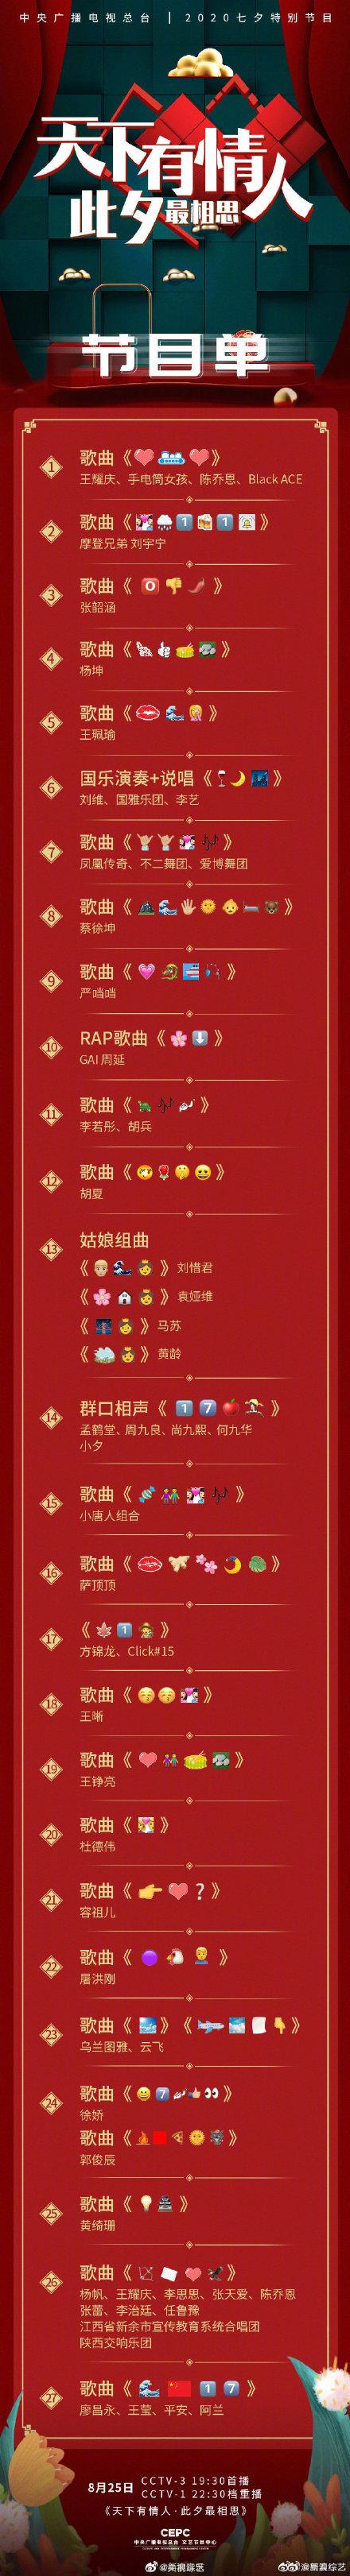 央视七夕晚会emoji节目单 今晚19:30 CCTV-3首播